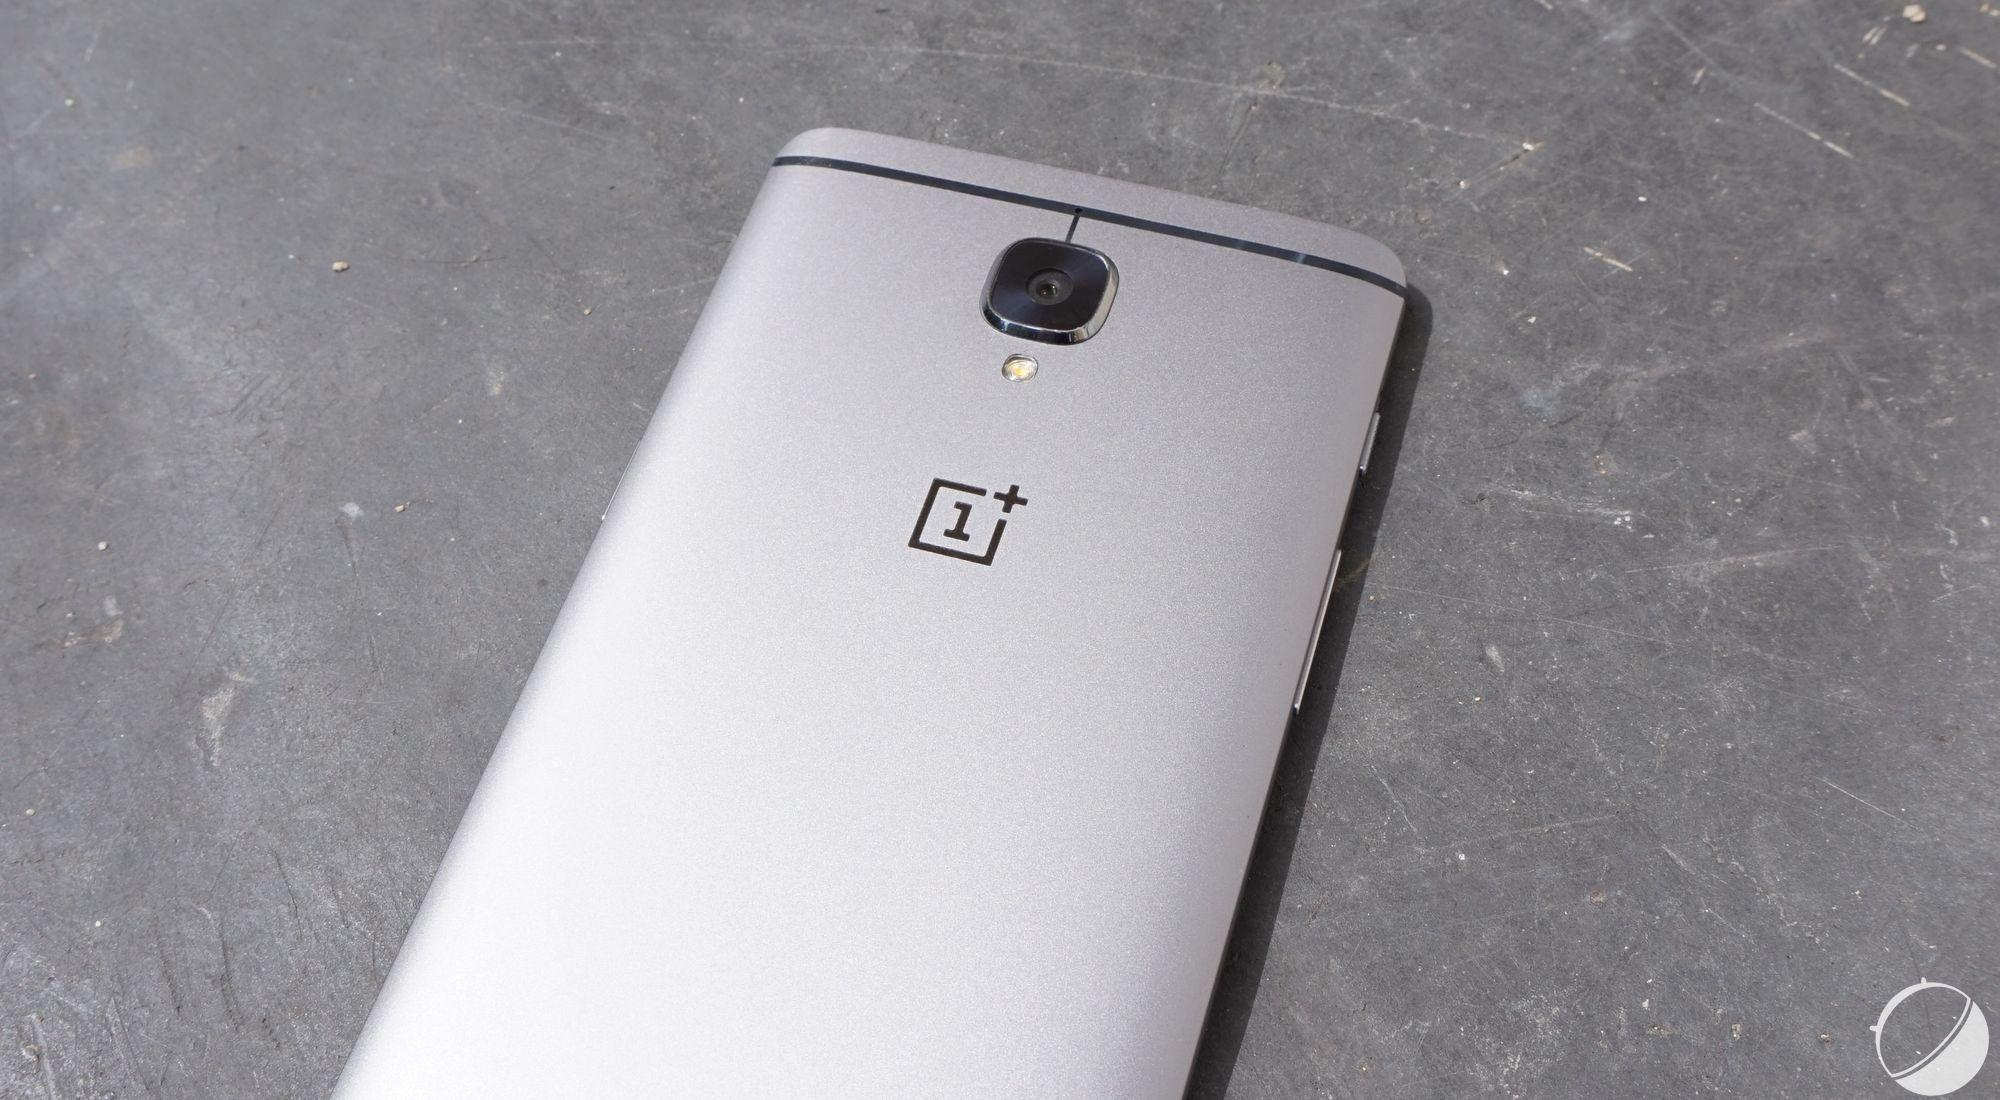 OnePlus 3 : un recovery alternatif et CyanogenMod 13 déjà portés officieusement